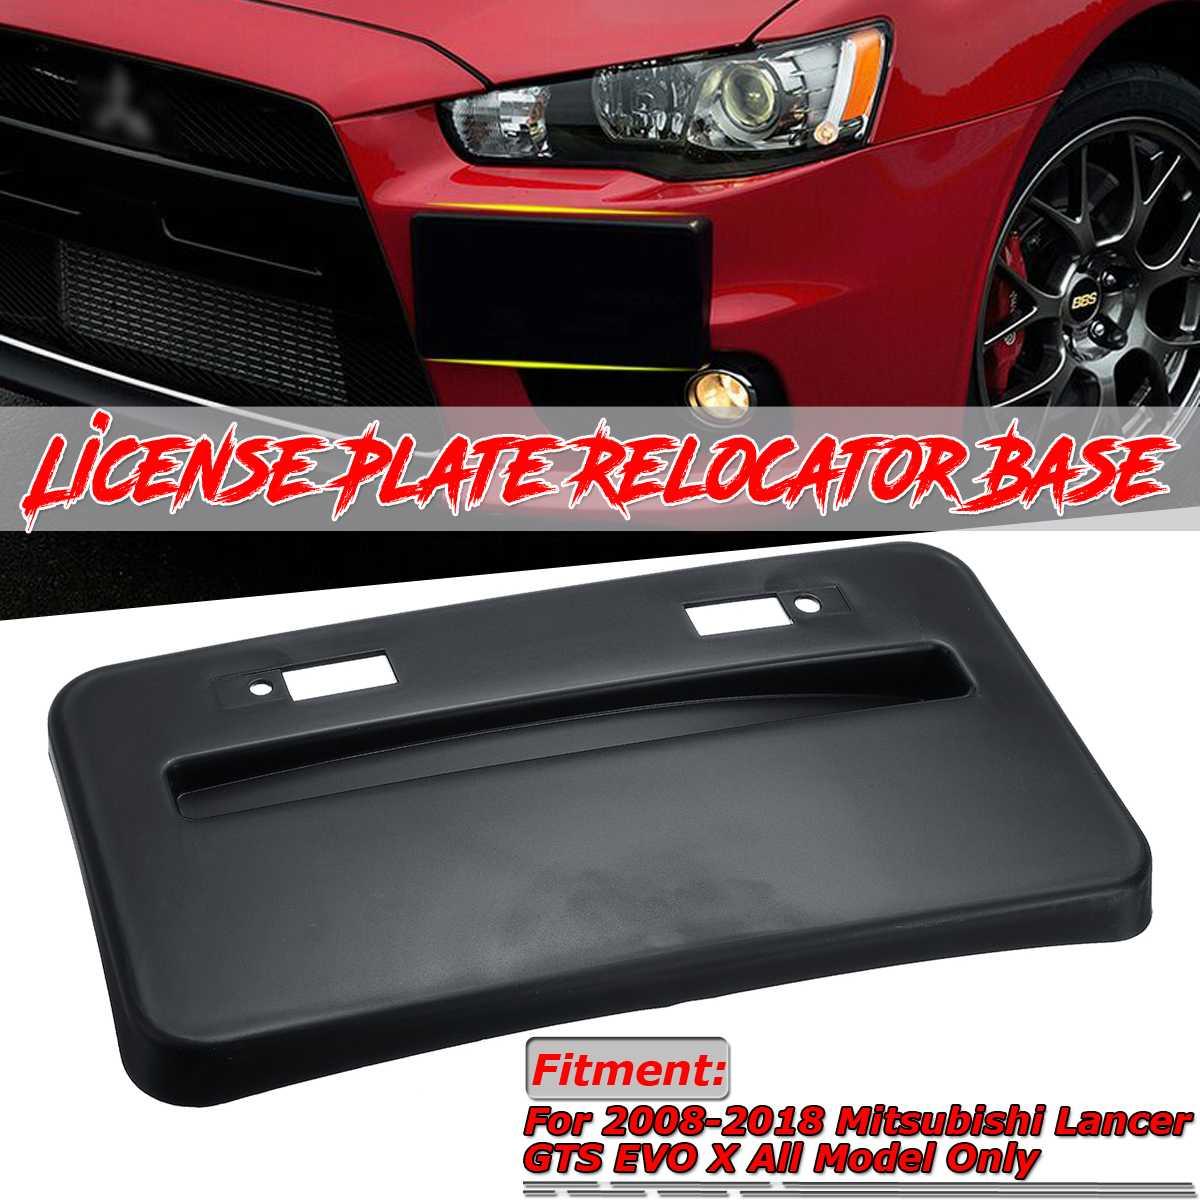 New Car Front Bumper License Plate Holder Relocator Base Bracket Frame For Mitsubishi Lancer GTS EVO X 2008-2018